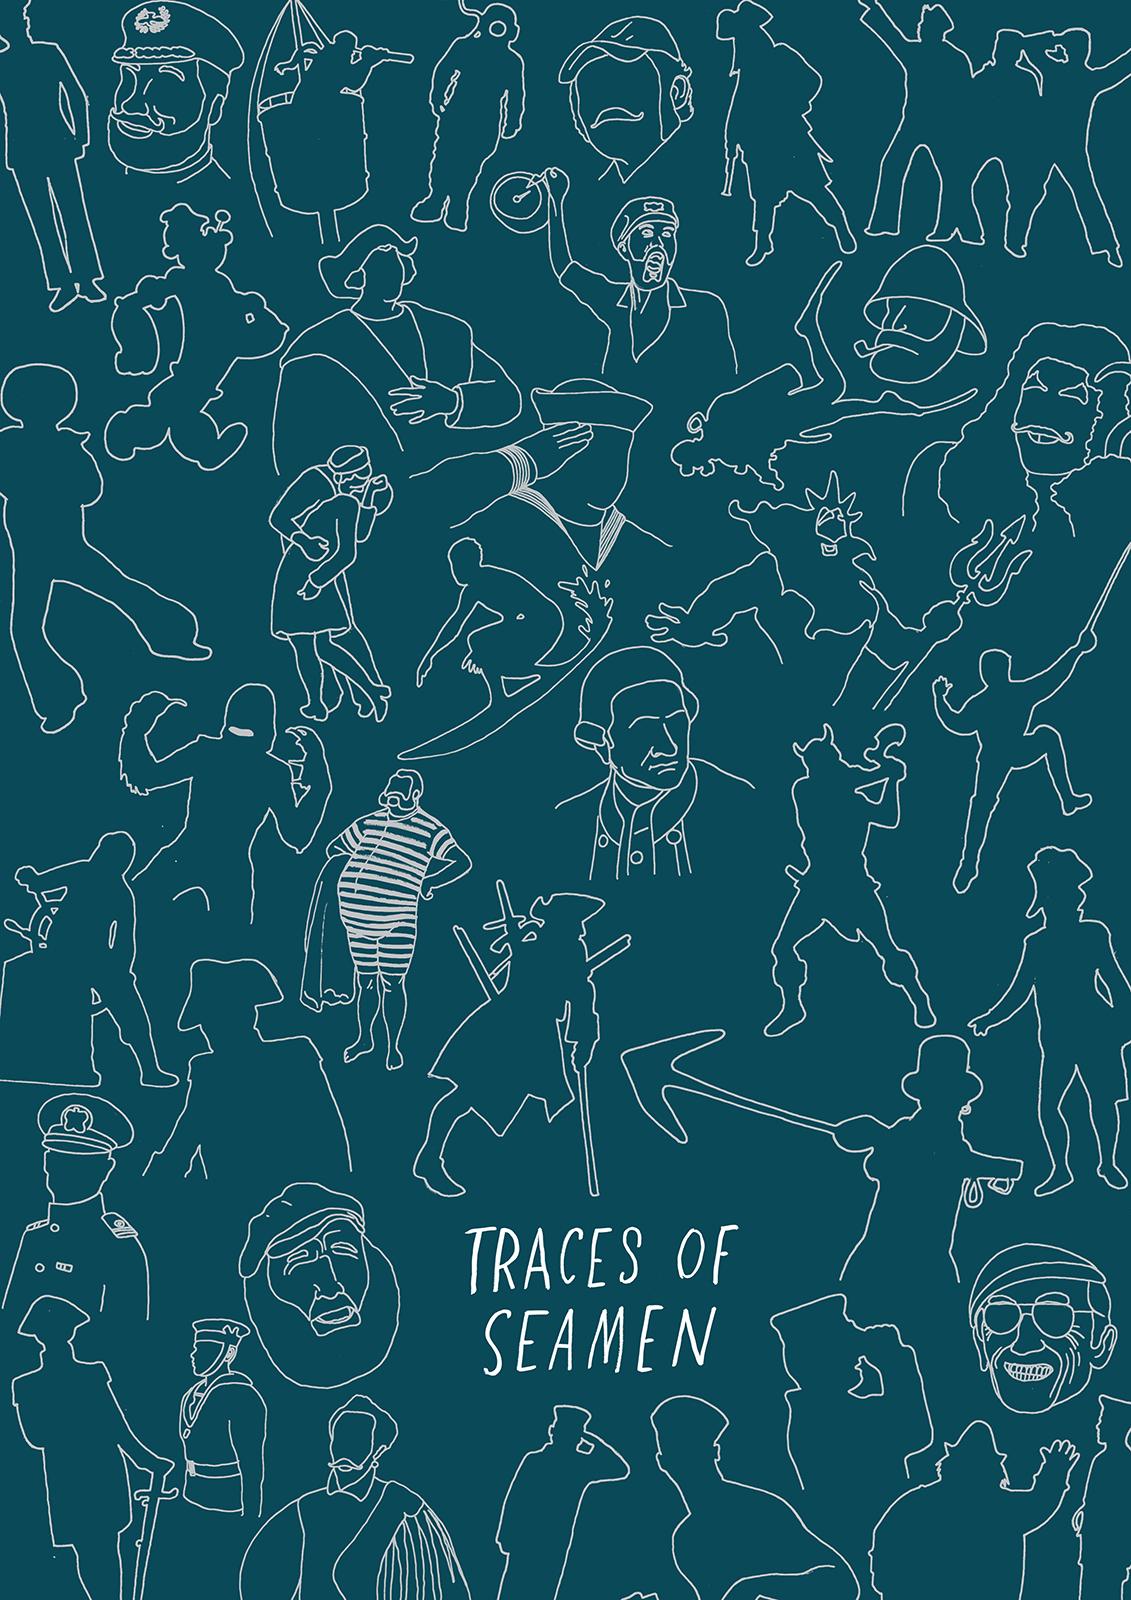 traces of seamen 3.jpg